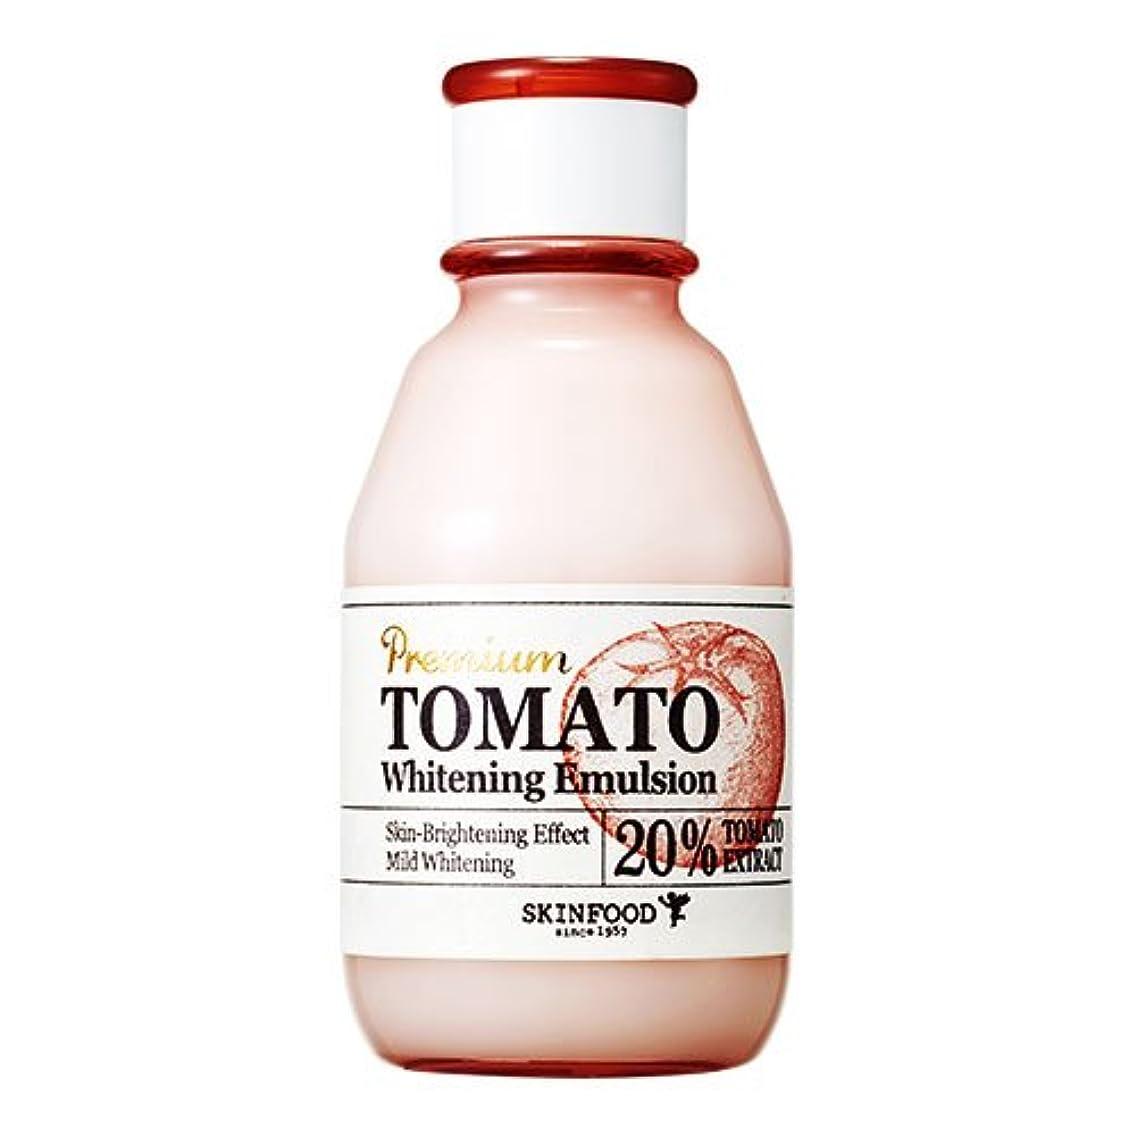 ステージ仕様手首[スキンフード] SKINFOOD プレミアムトマトホワイトニングエマルジョン Premium Tomato Whitening Emulsion (海外直送品) [並行輸入品]